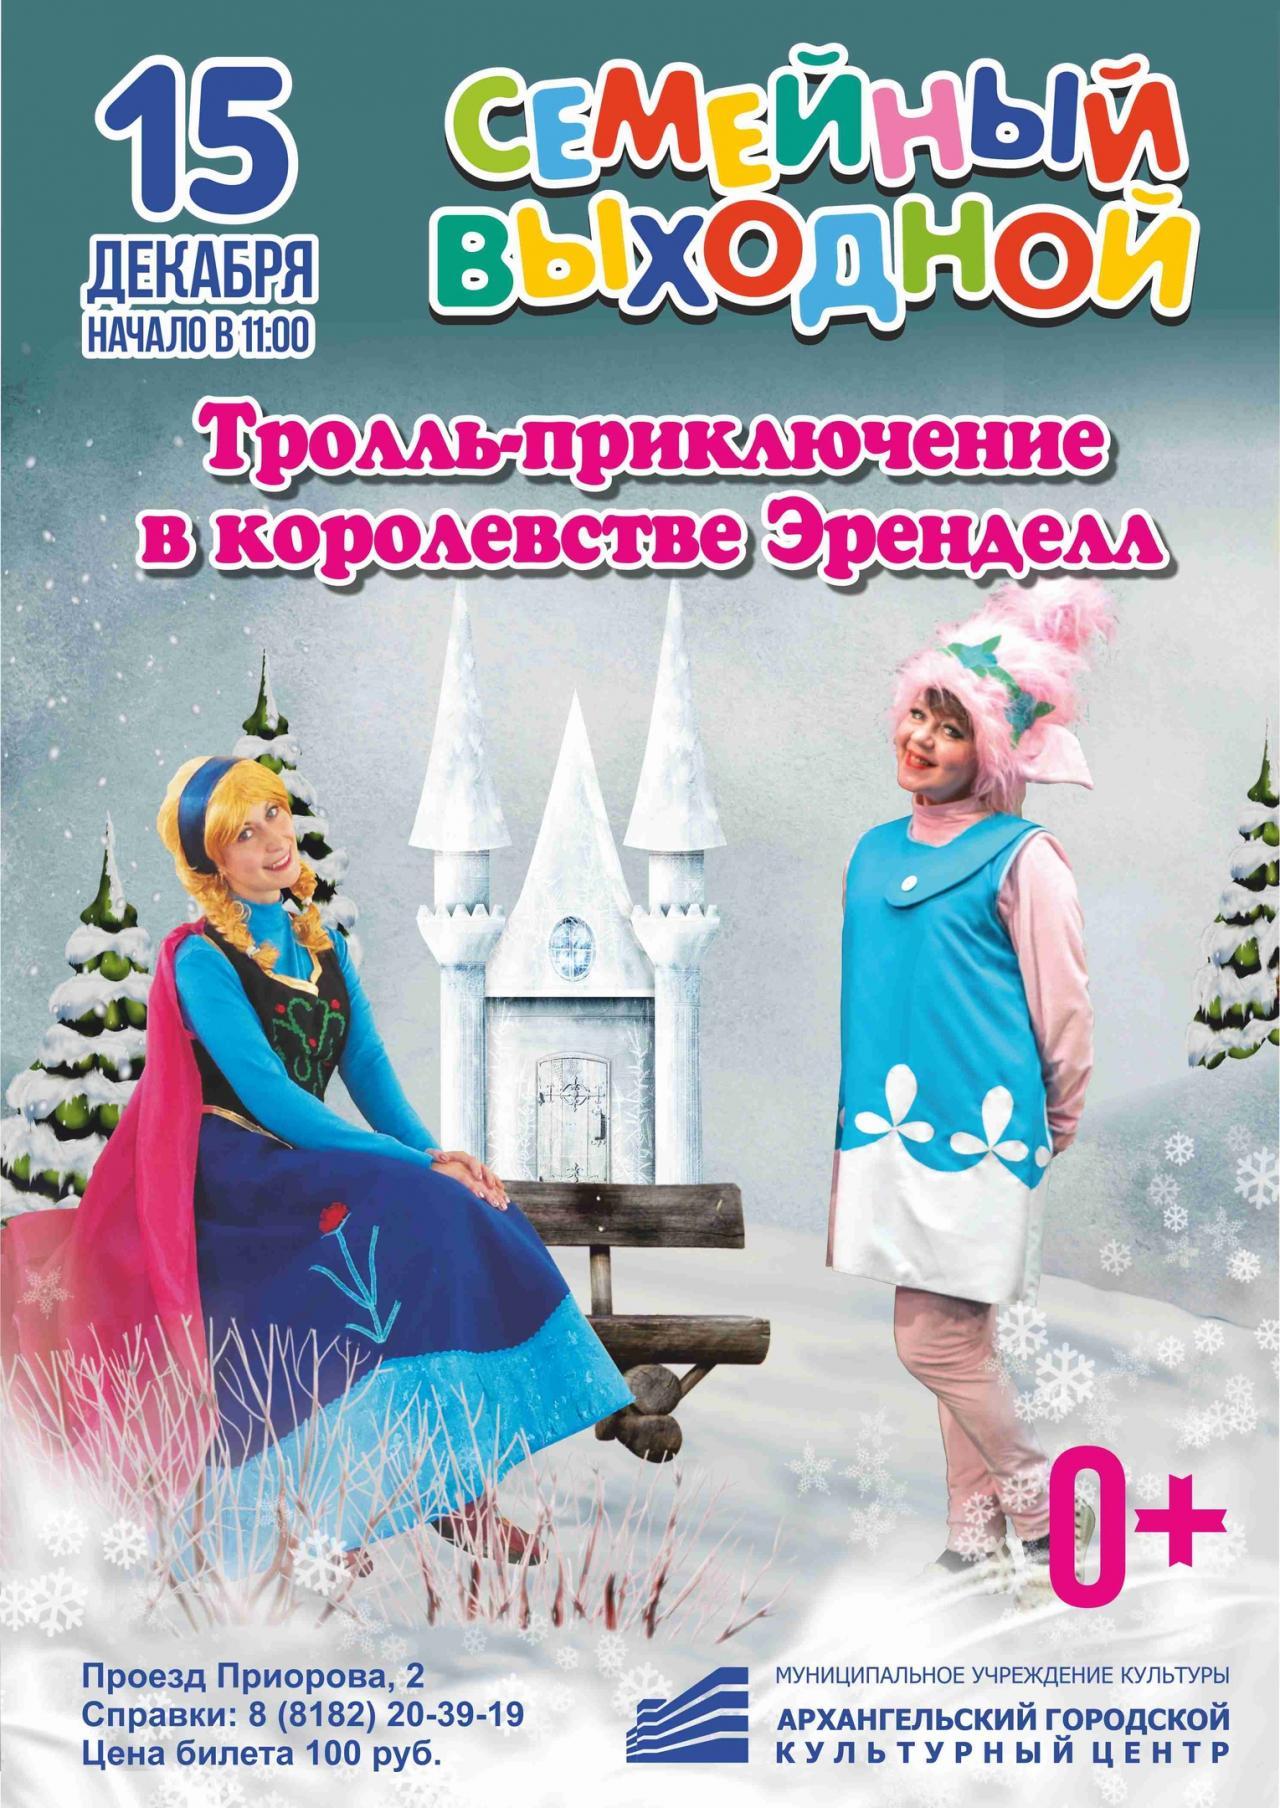 Афиша культурных центров города Архангельска с 12 декабря 2019 года